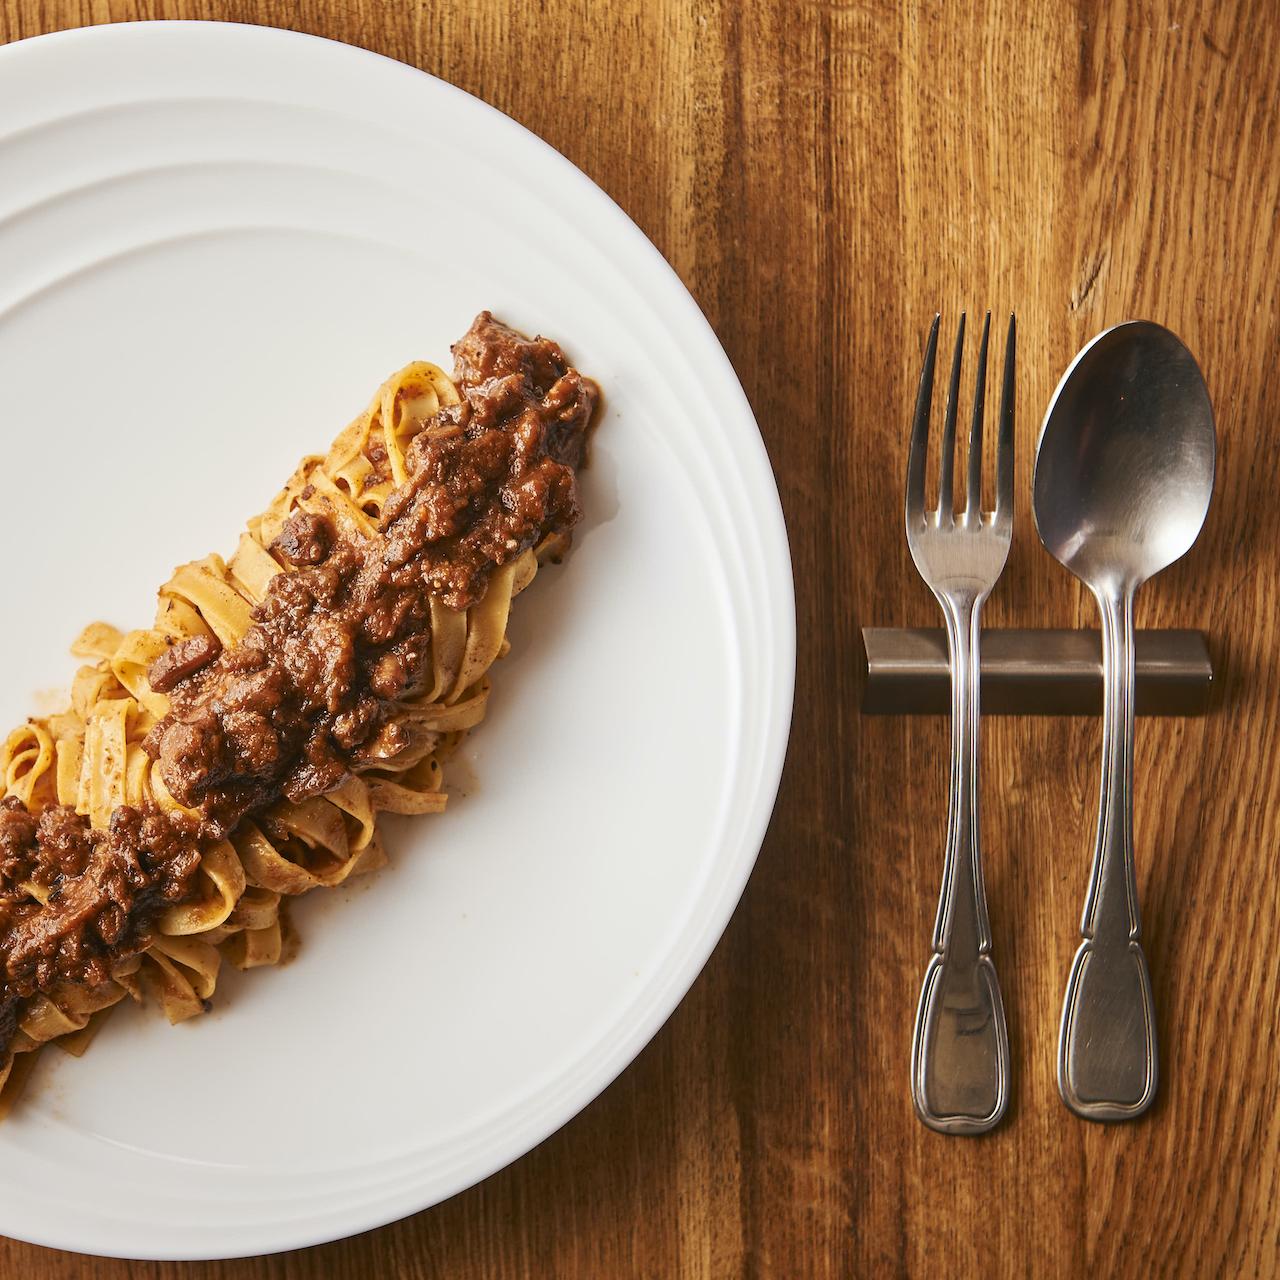 おうちで作る「イカラグーソース」のレシピを大公開!!おうち時間にトライしてみては!?